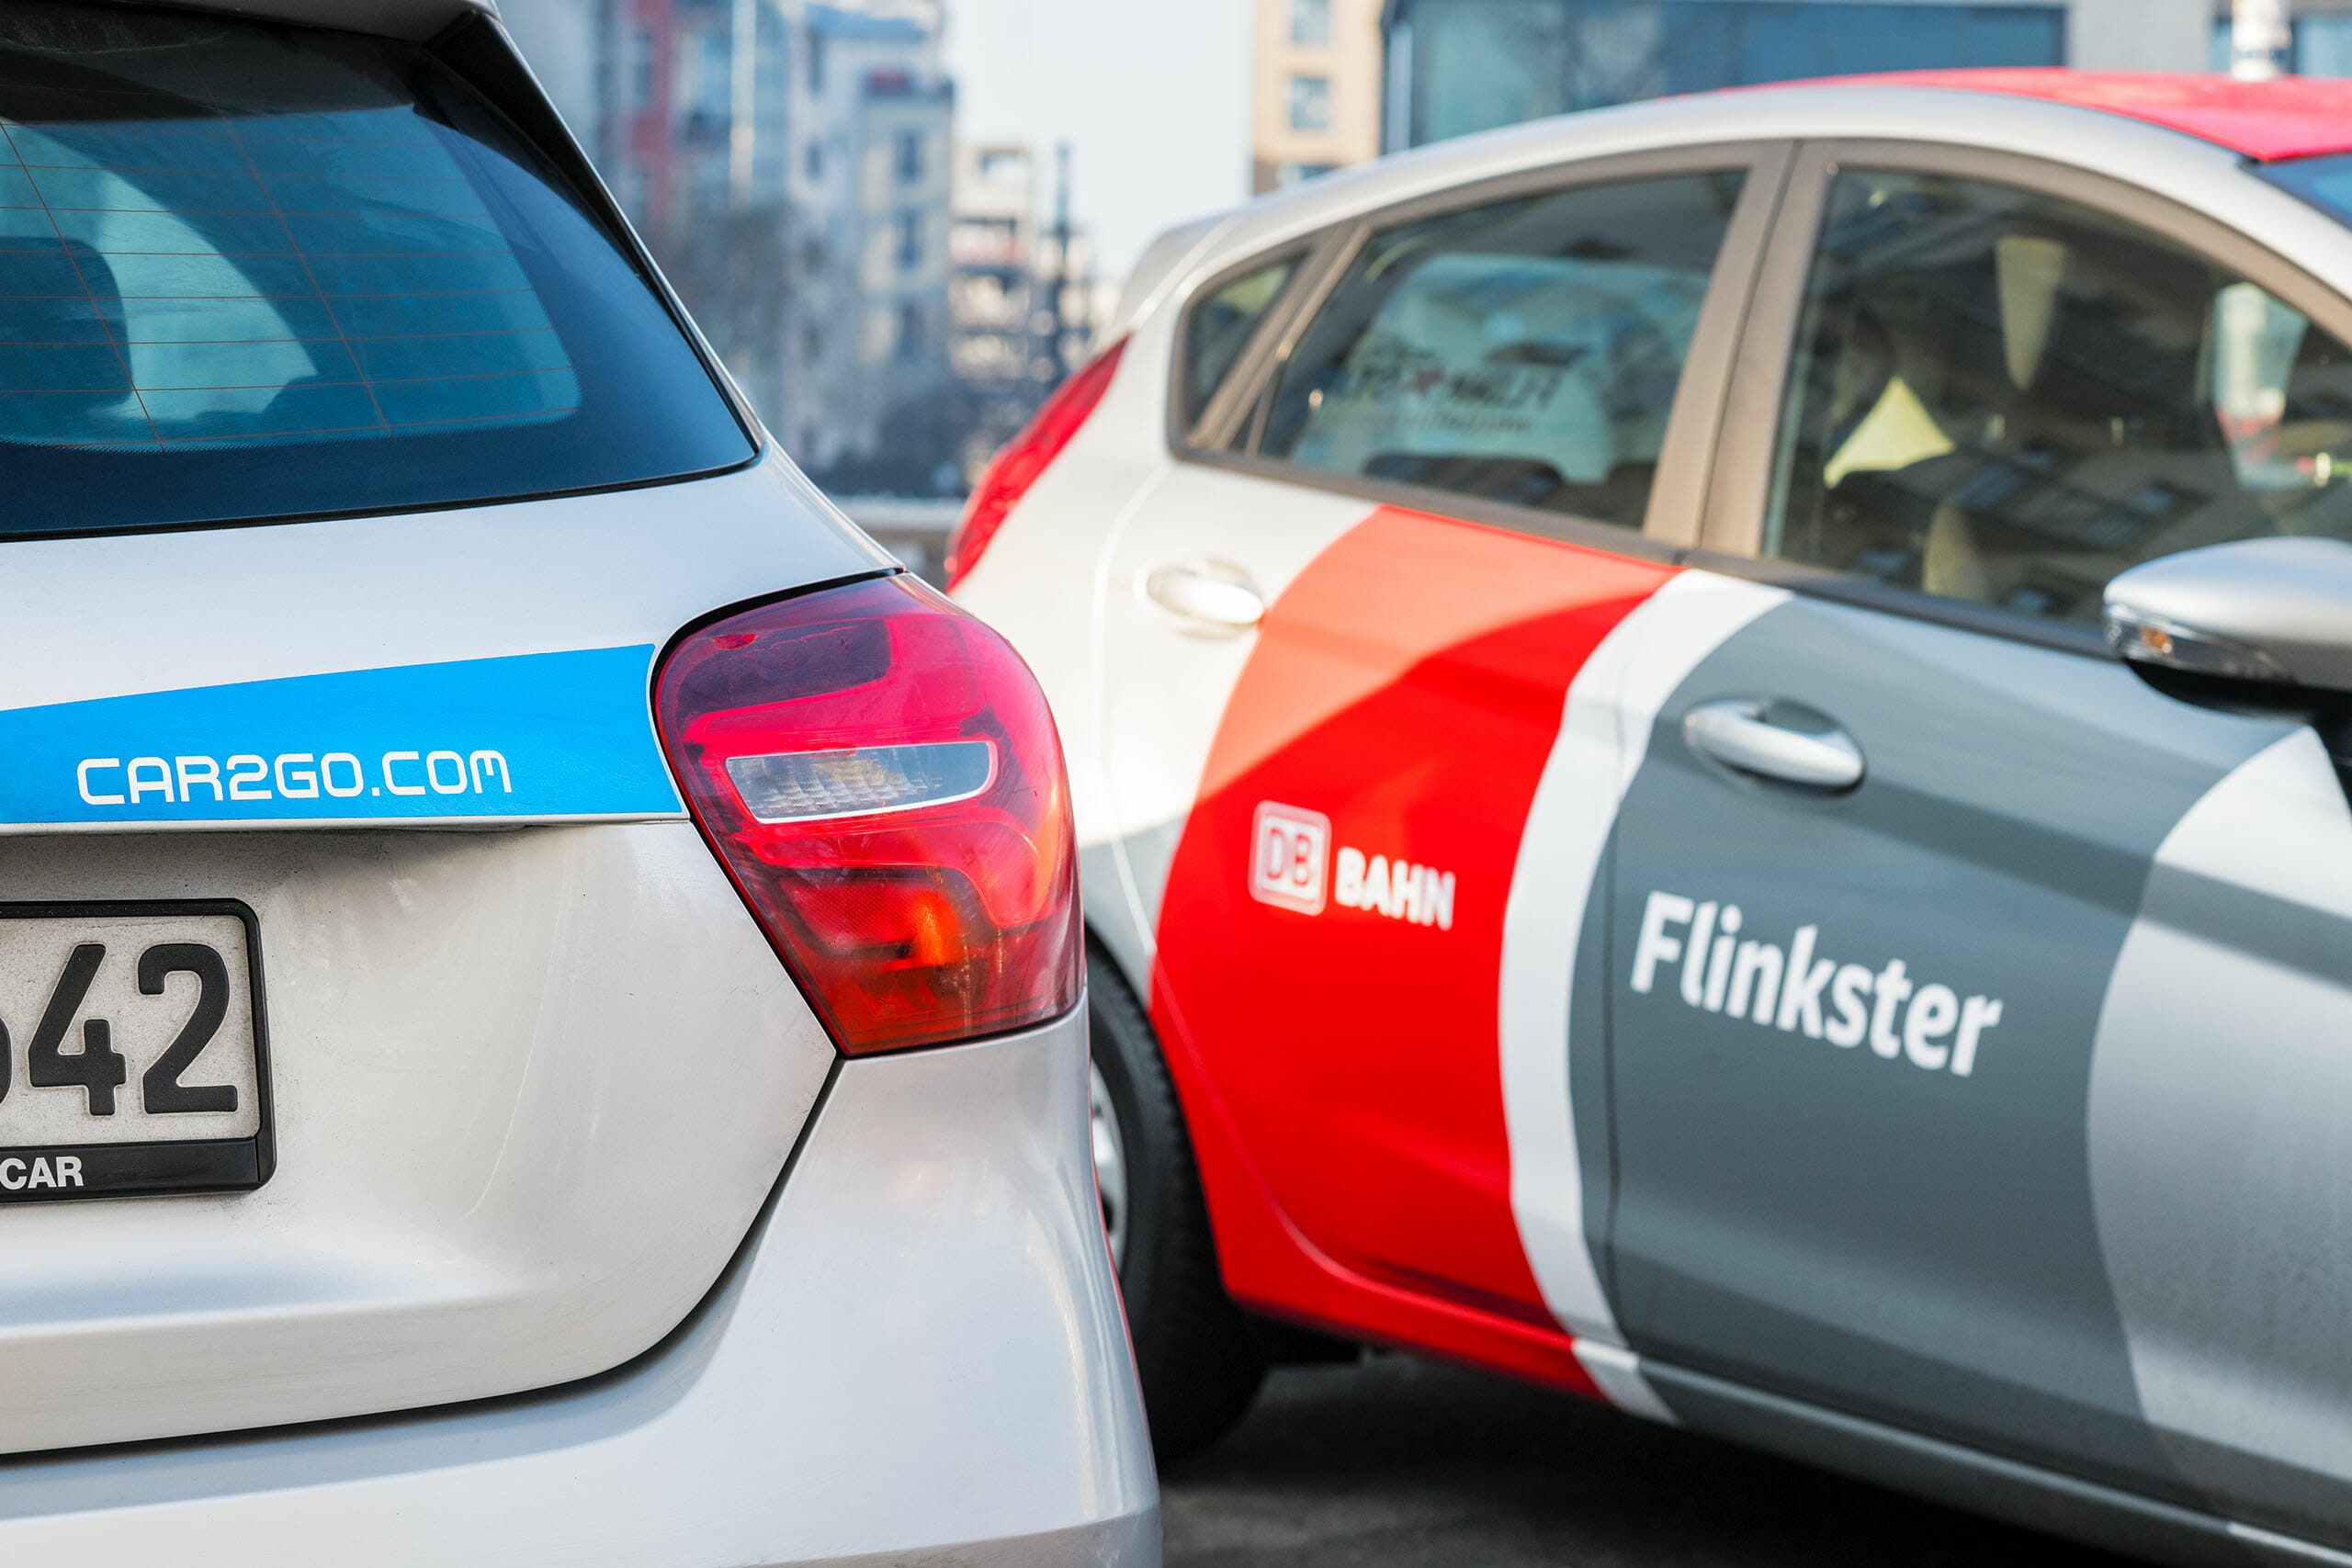 Fahrzeug von car2go und Flinkster